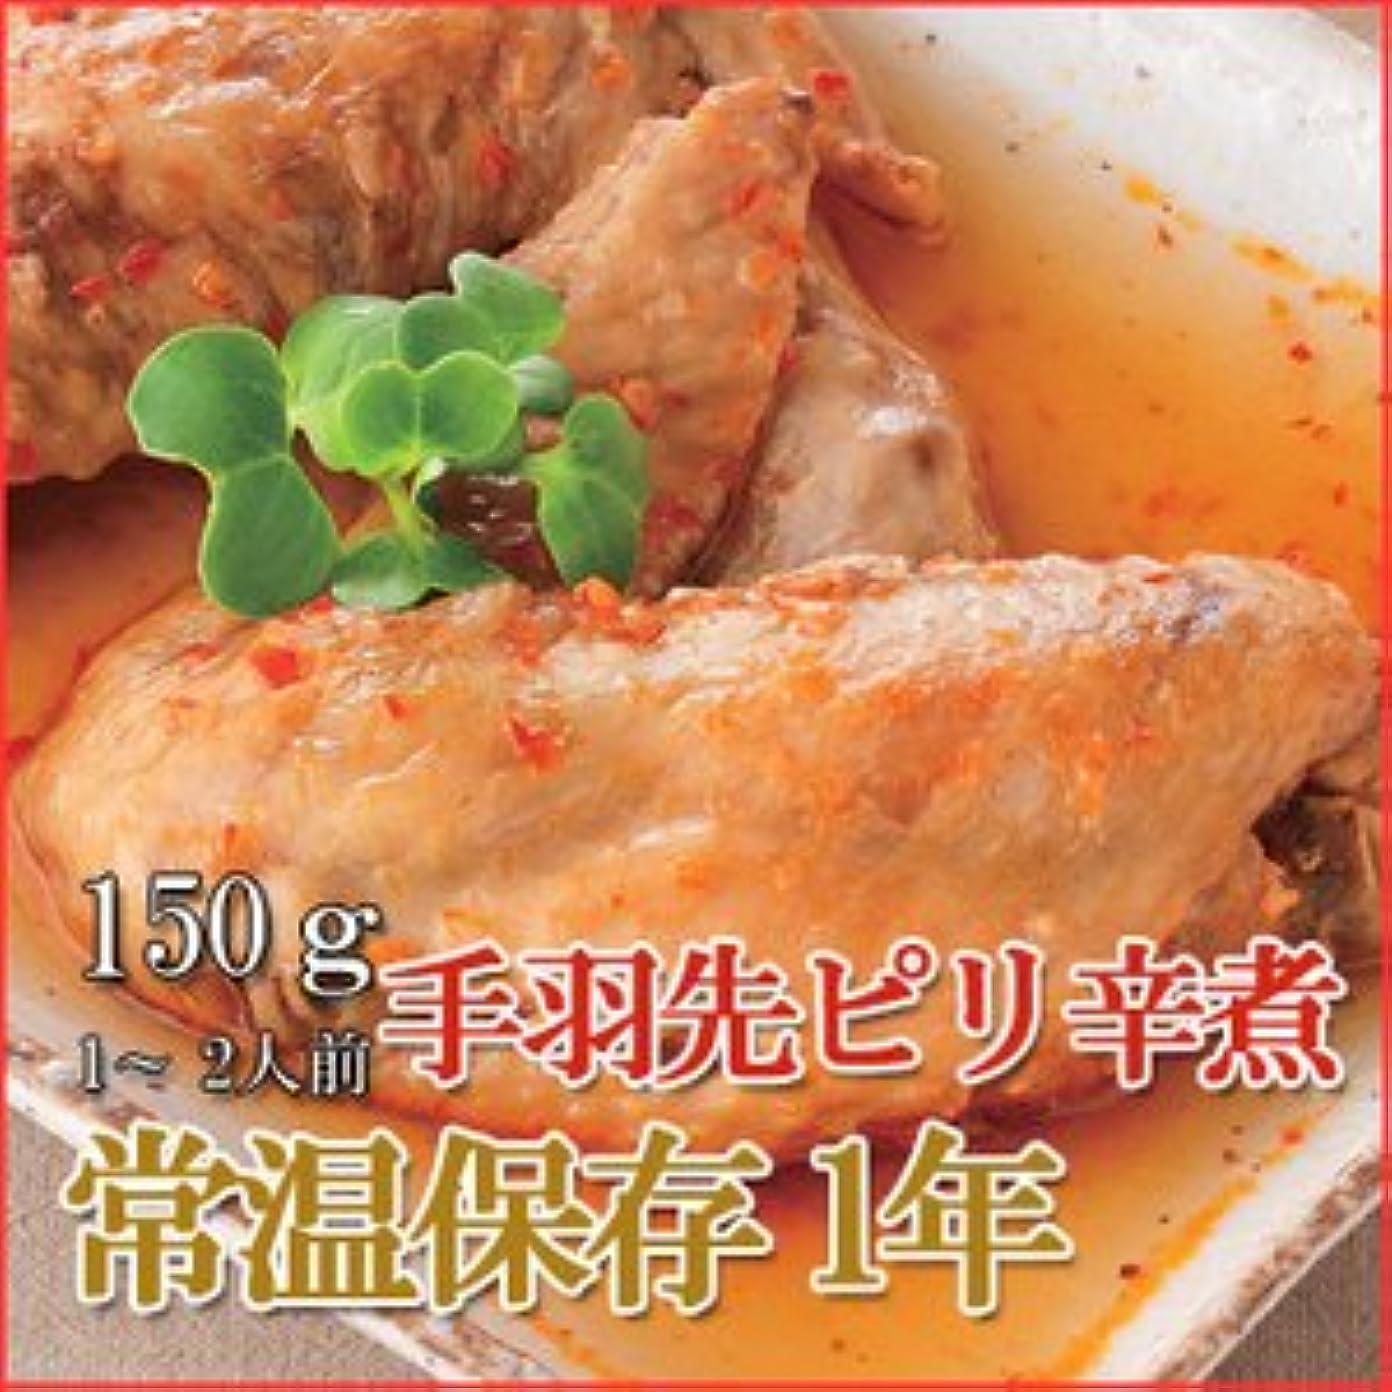 遠え月曜冗談でレトルト 和風 煮物 手羽先ピリ辛煮 150g (1-2人前) X2個セット (和食 おかず 惣菜)